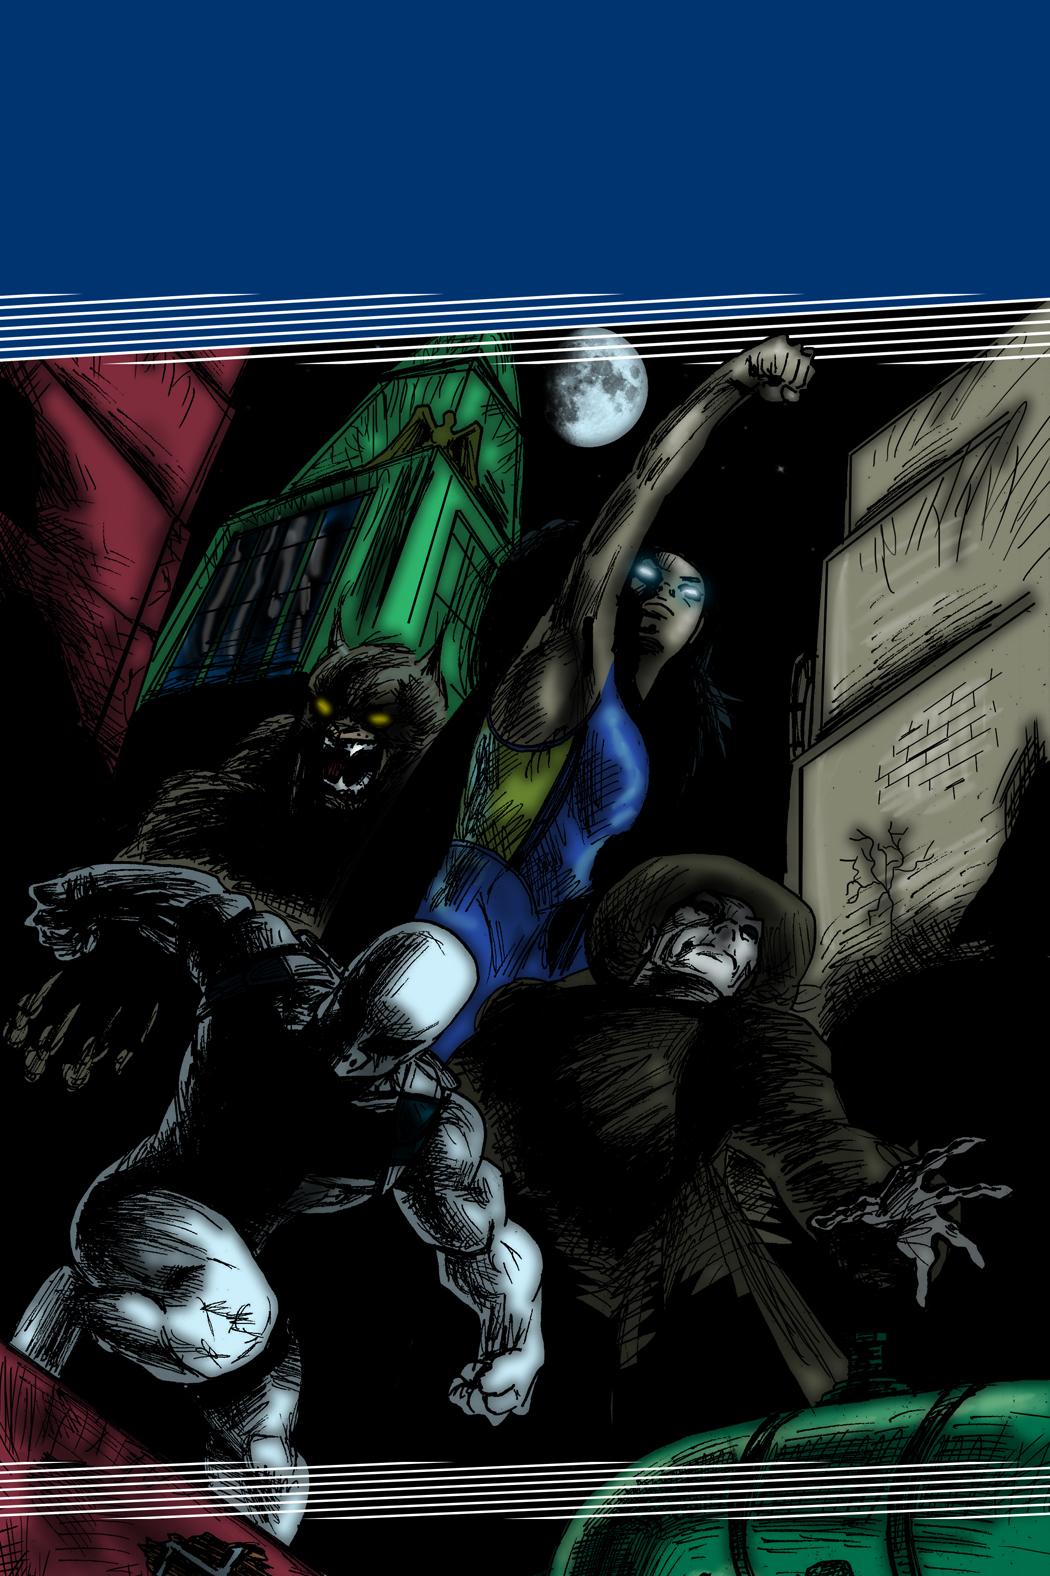 http://fc02.deviantart.net/fs71/f/2012/020/c/d/sss_15_cover_candidate_by_speedslide-d4n1w0g.jpg